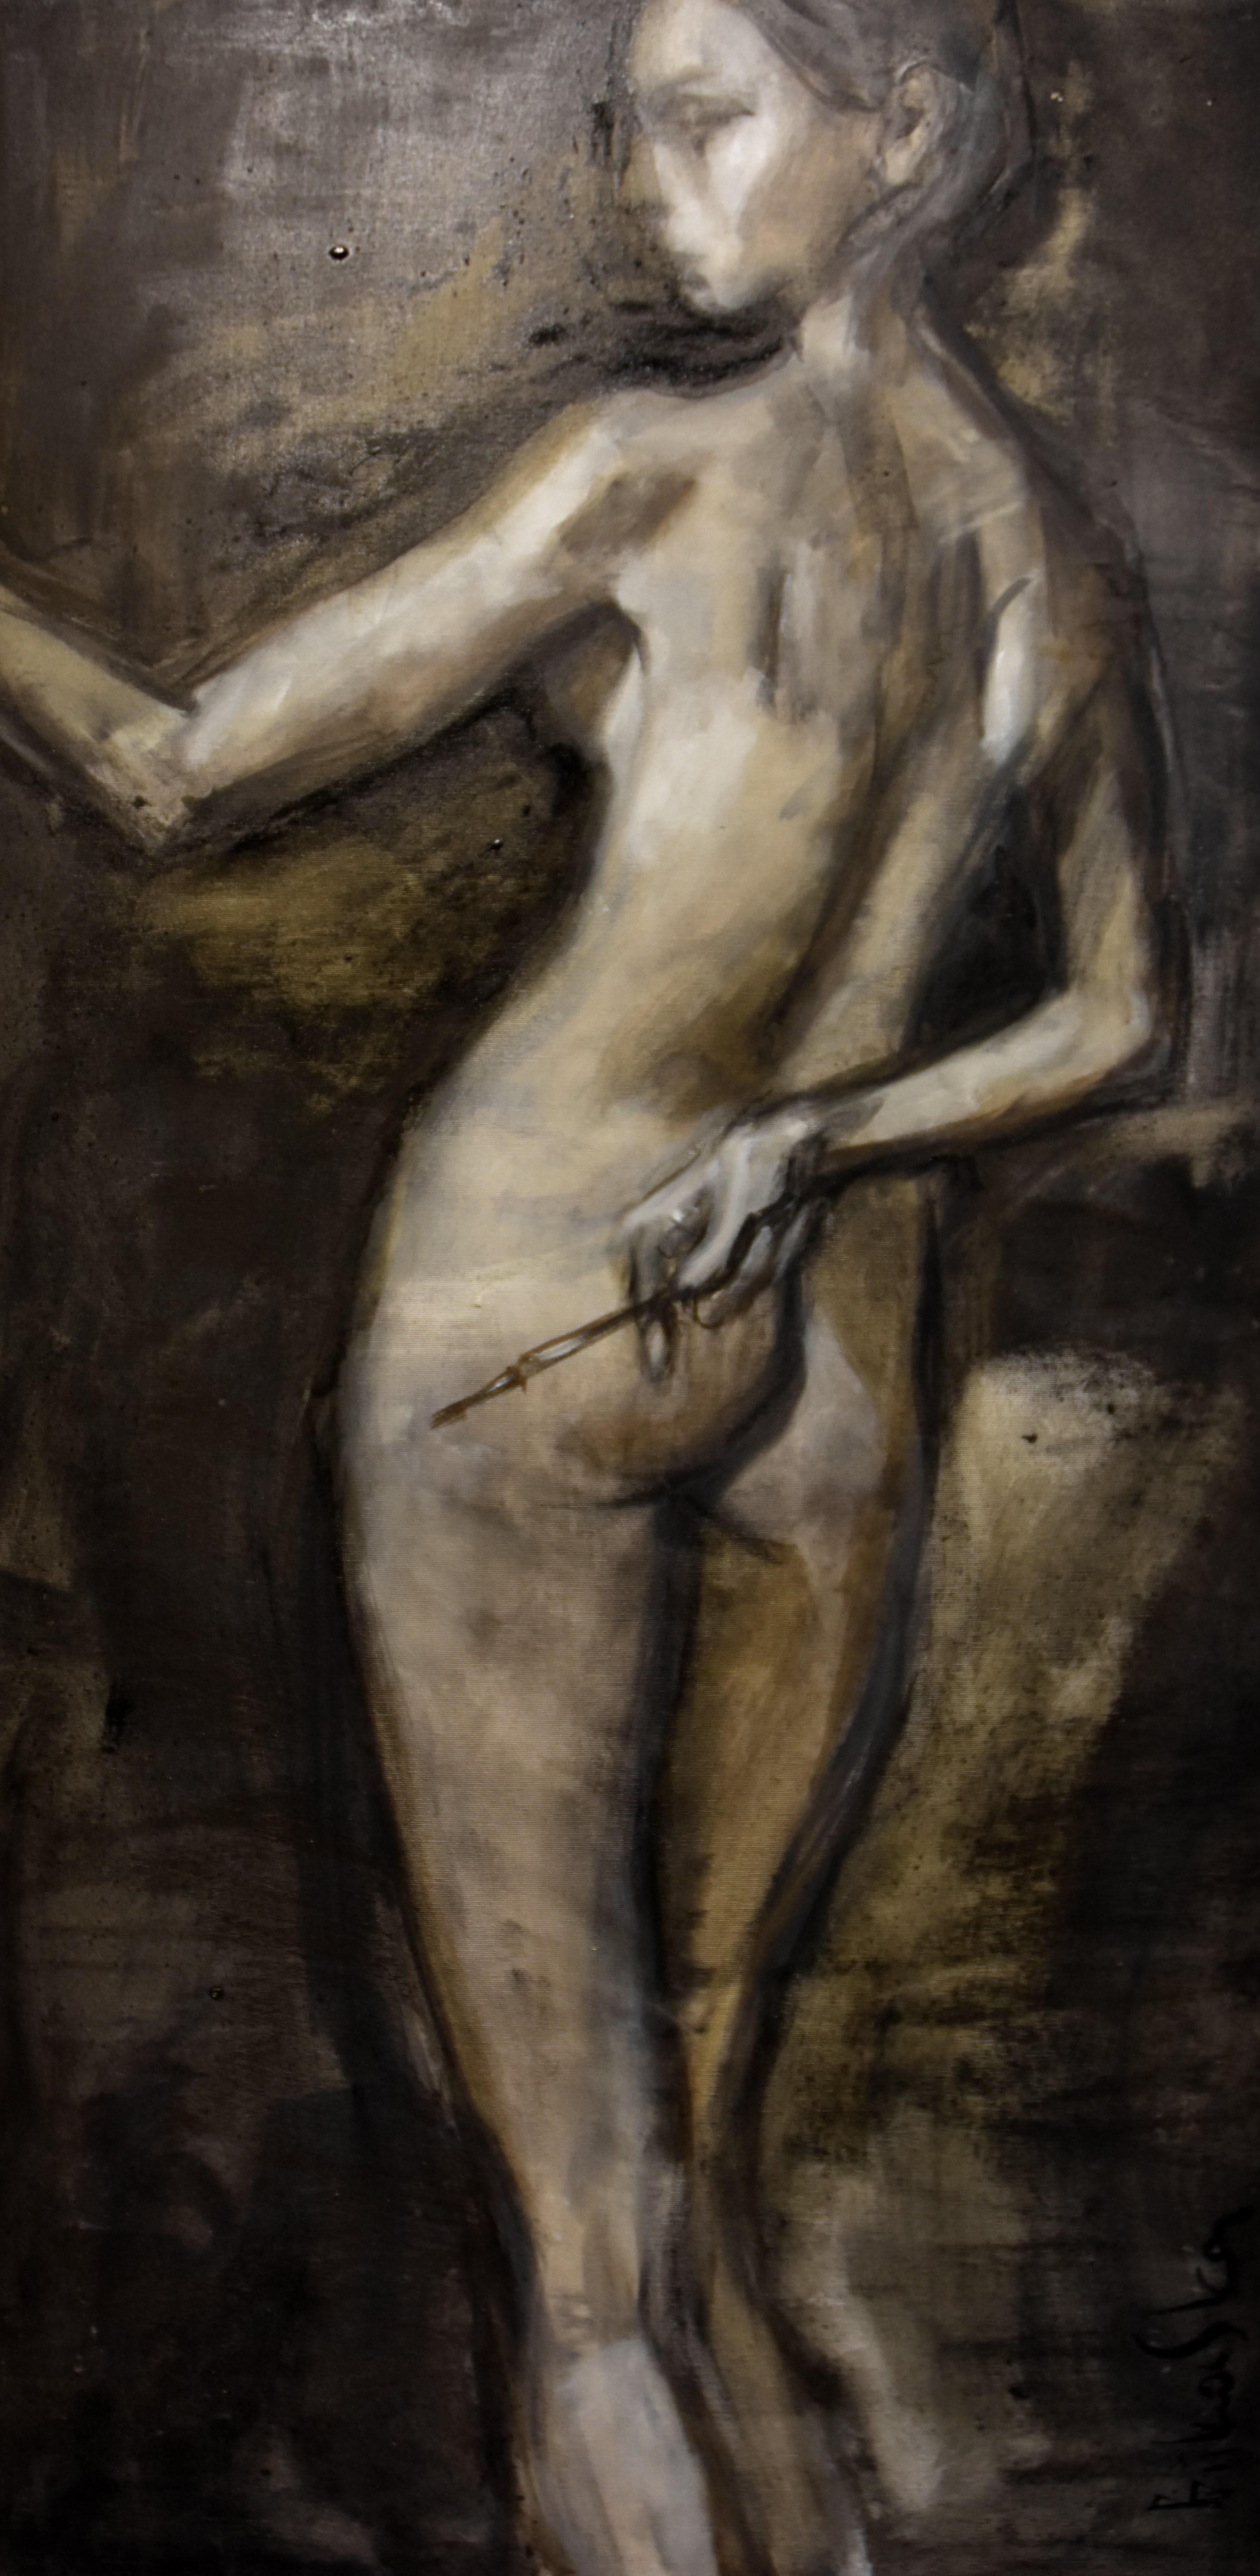 Olga Bukowska, Nude, Part II, 2018/2019 r.